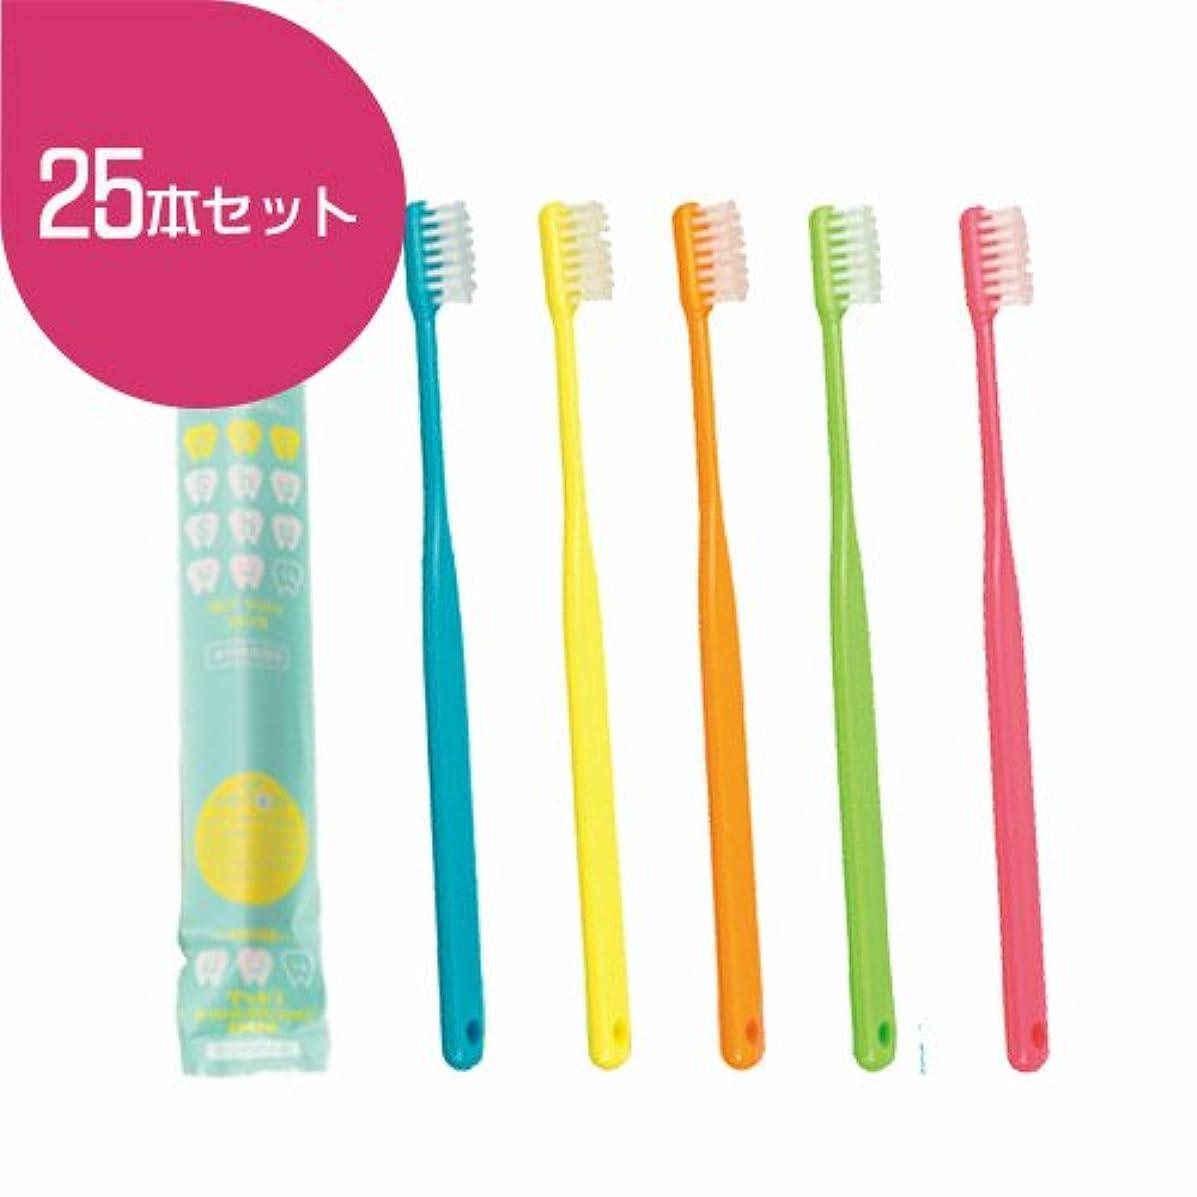 マッシュ想起構造FEED(フィード) 占い!Shu Shu(うらないシュシュ)歯ブラシ×25本 (ふつう(M), 色はおまかせ)